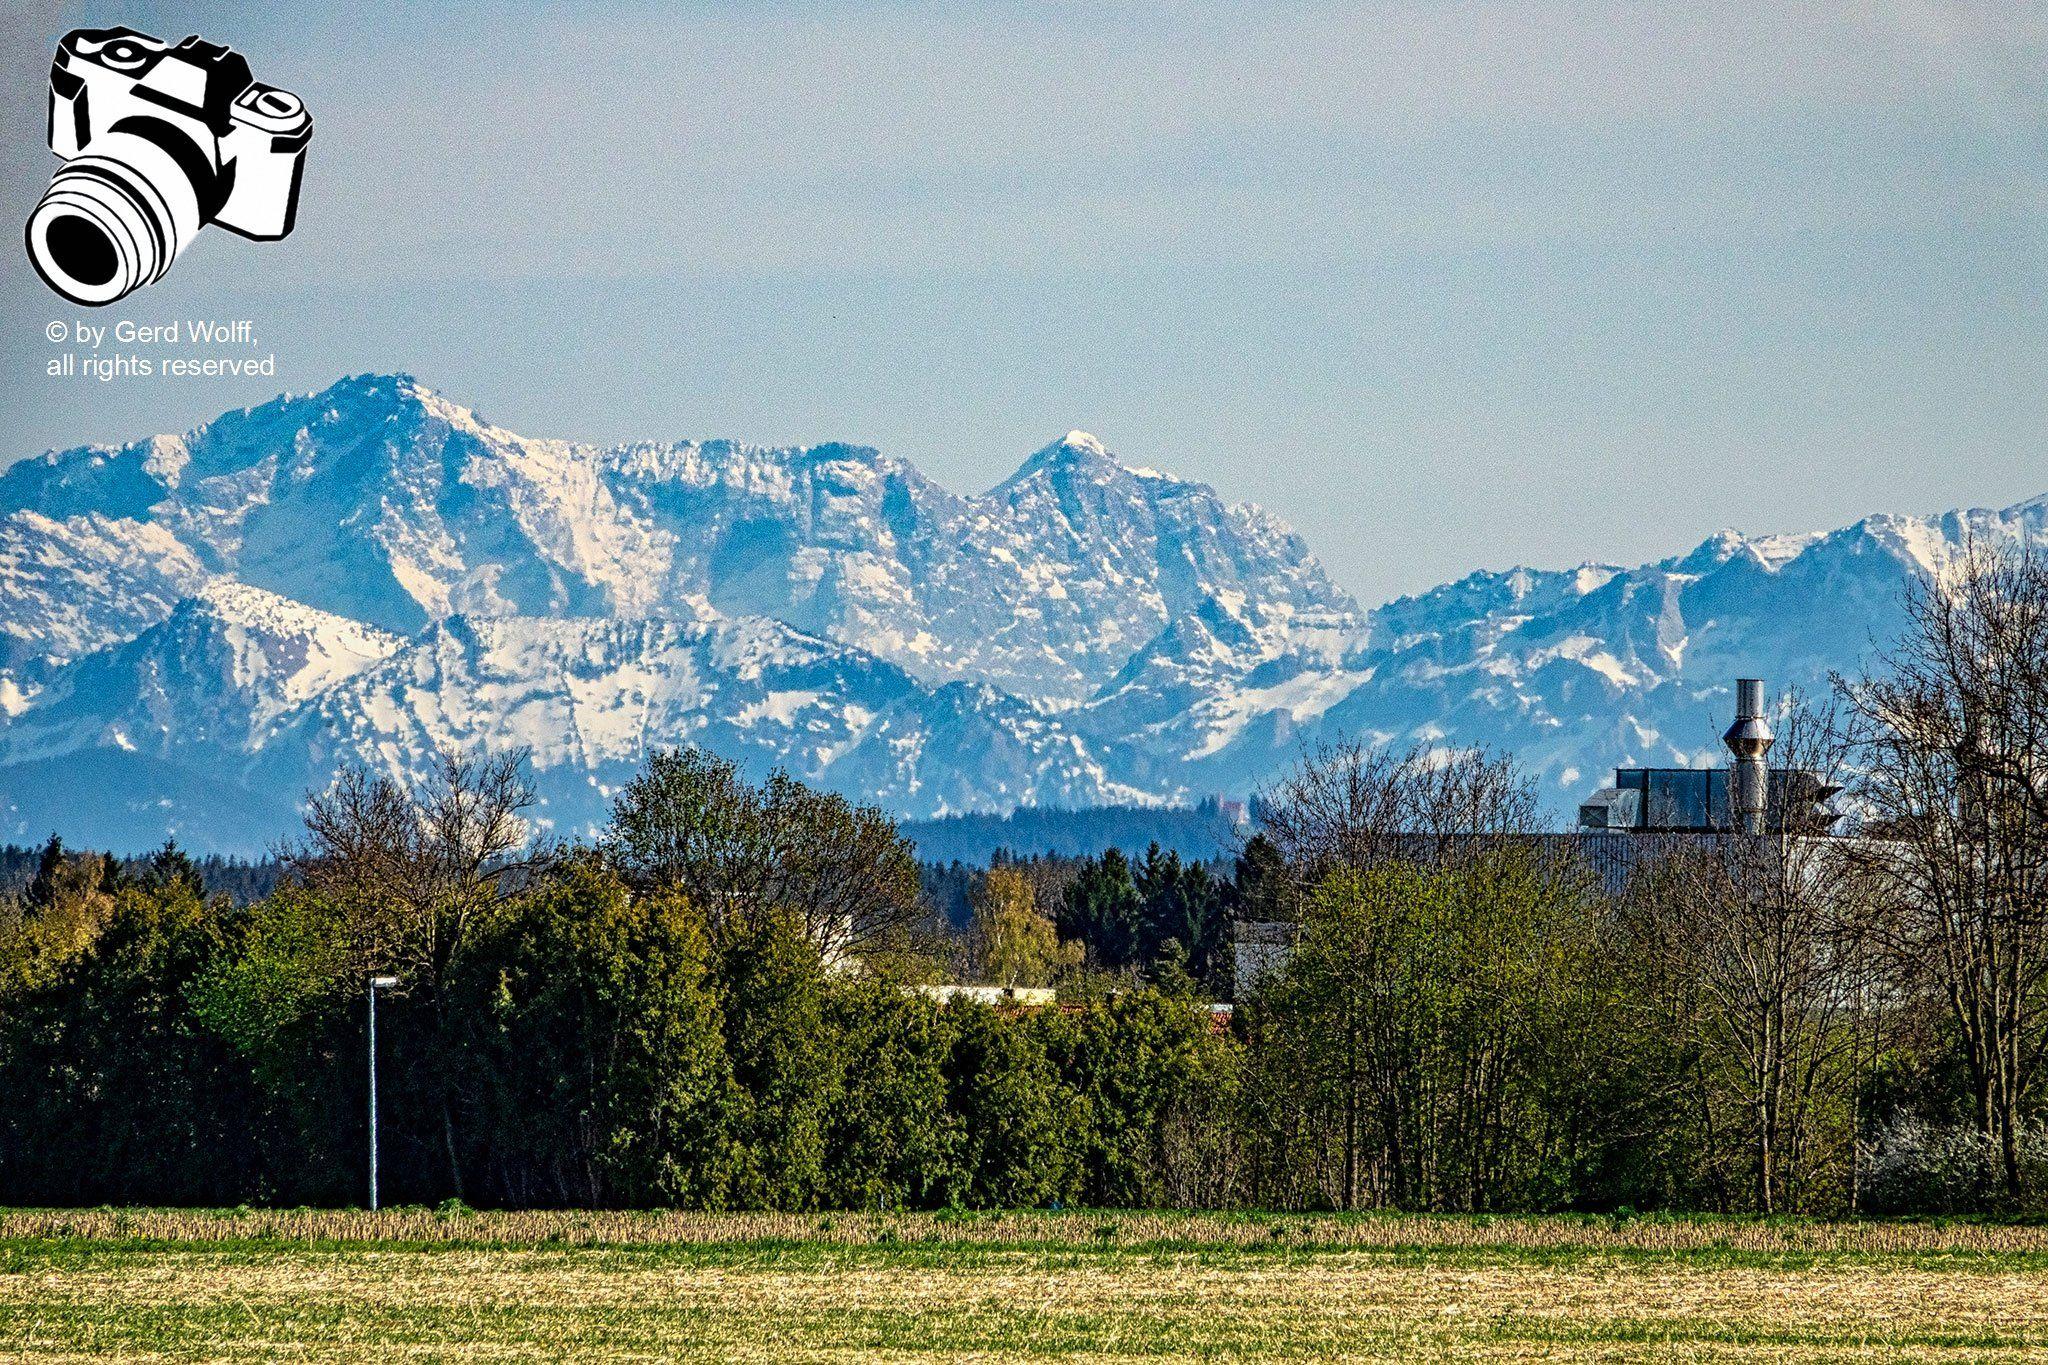 Berge Hinter Kaufbeuren Vordergrund Kolb Berge Bilder Schnappschuss